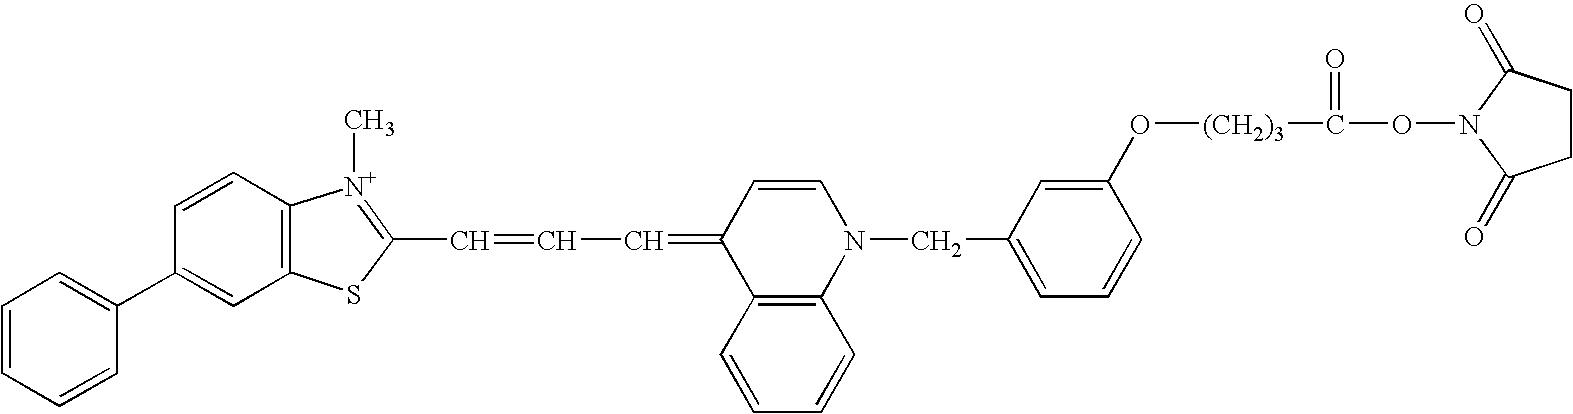 Figure US07943777-20110517-C00108